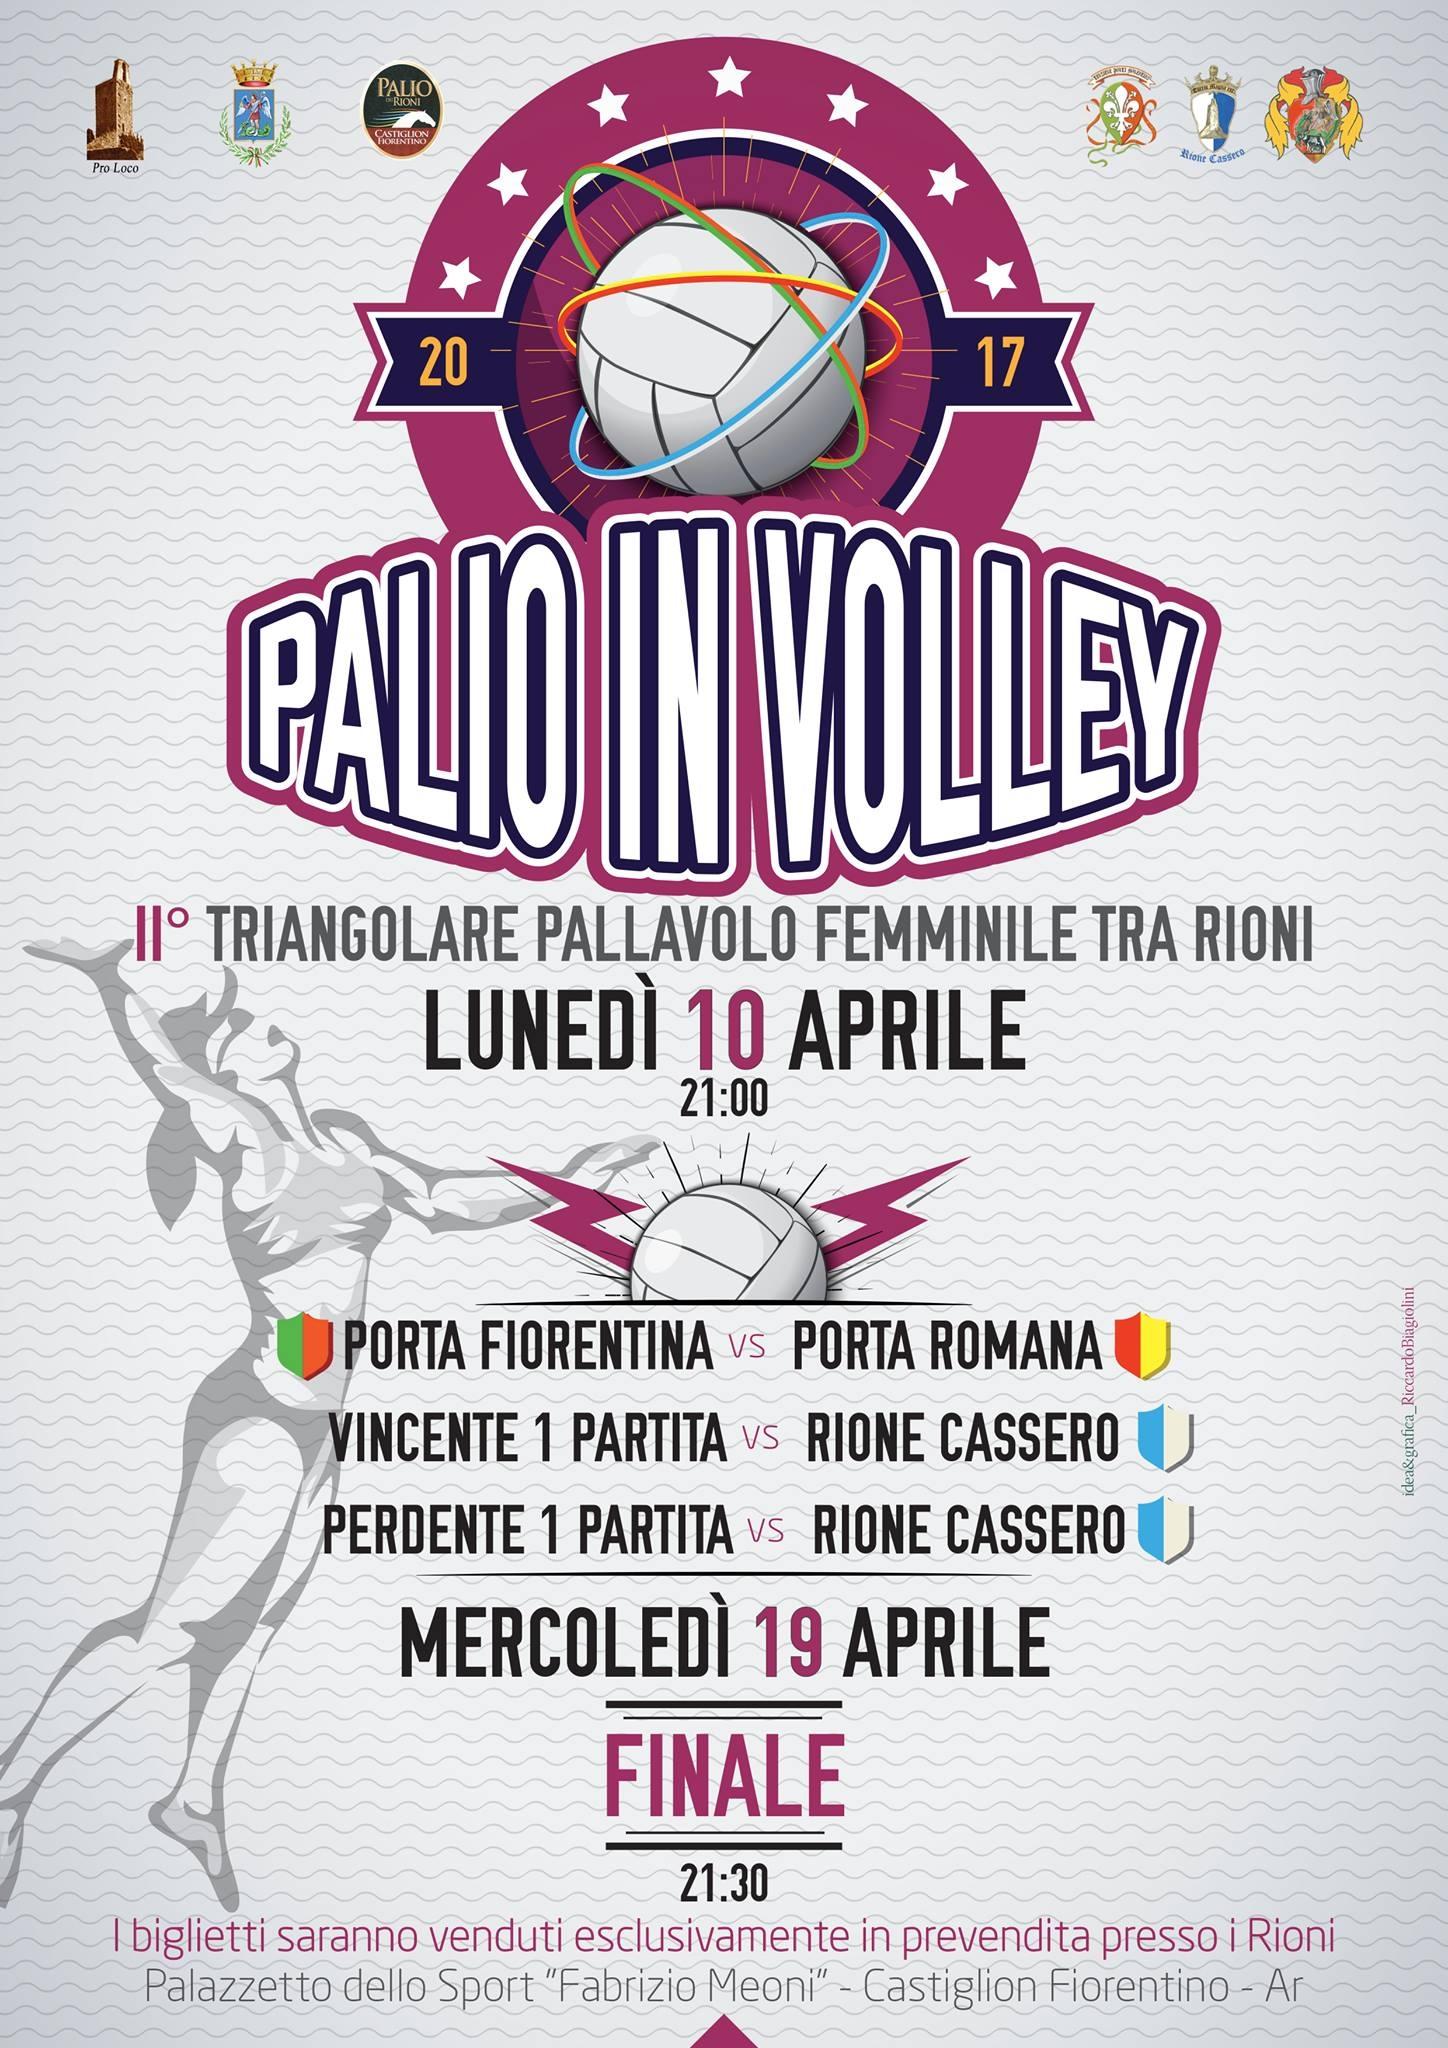 Palio in Volley, seconda edizione del torneo fra Rioni castiglionesi